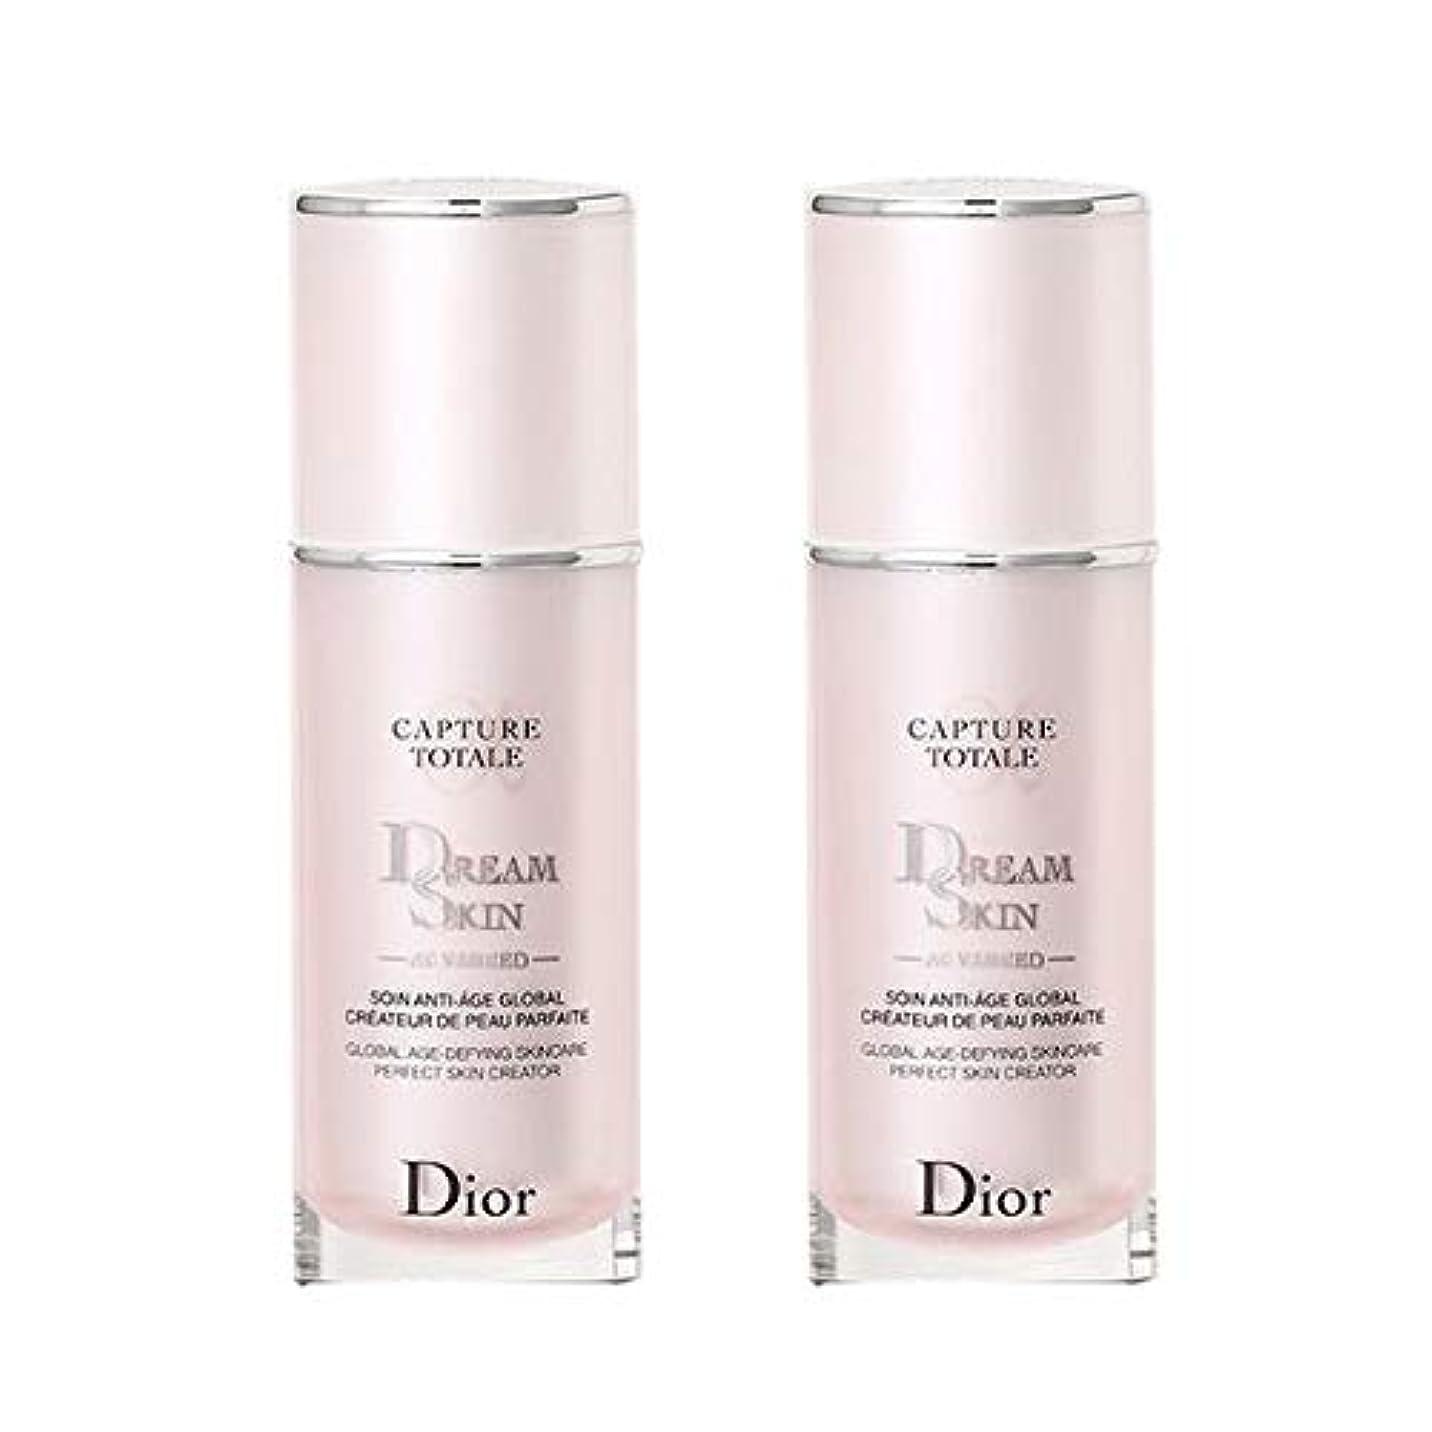 スズメバチ誤解するそんなに【セット】クリスチャンディオール Christian Dior カプチュール トータル ドリームスキン アドバンスト 50mL 2個セット [並行輸入品]